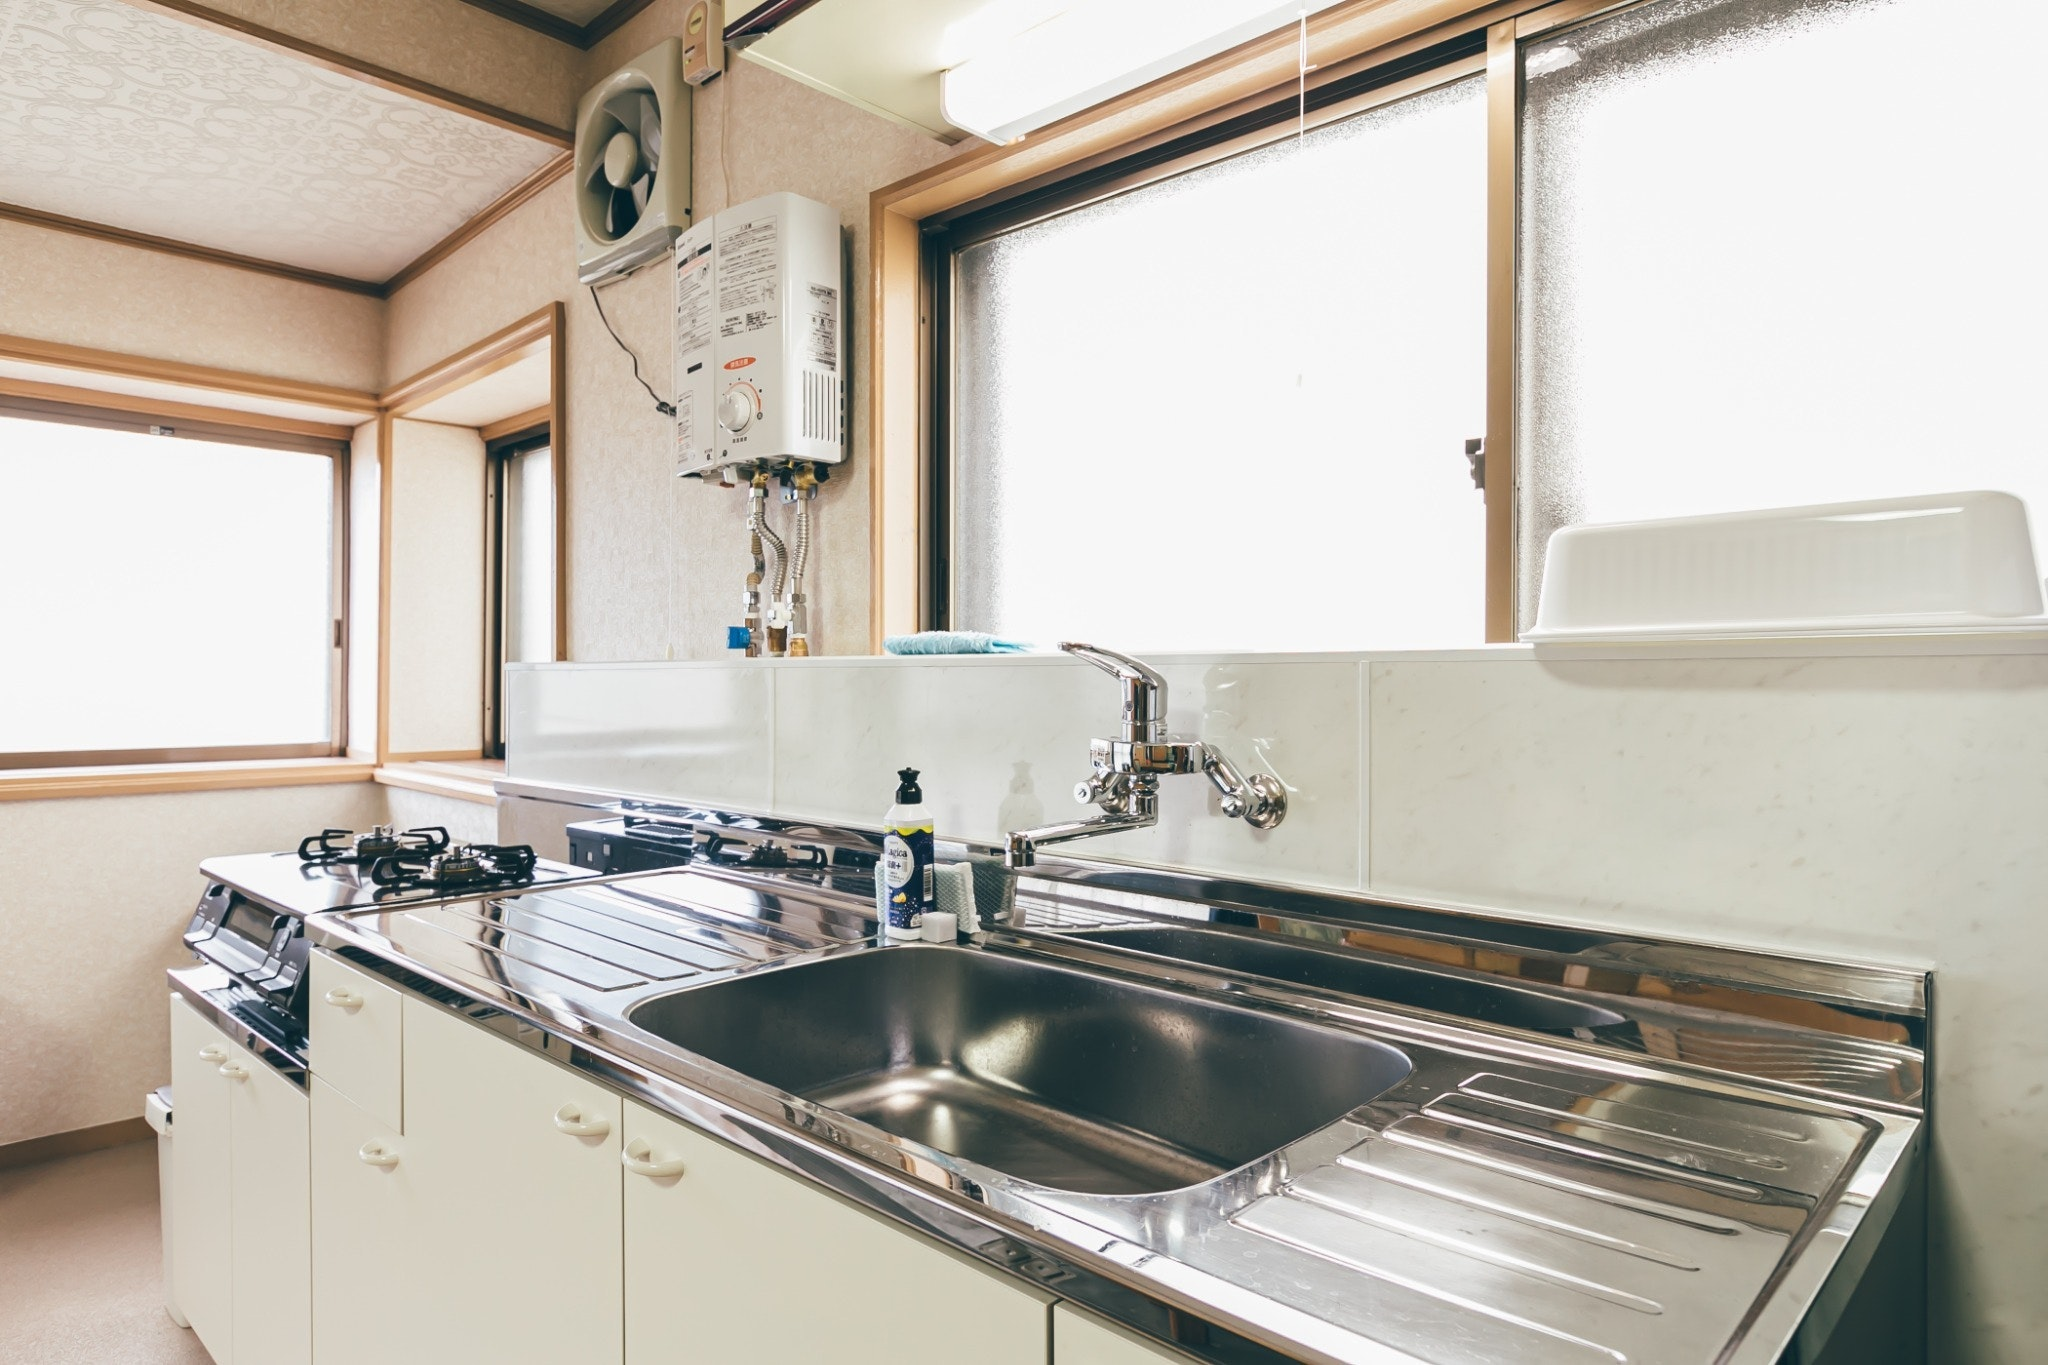 どうみん割適用可 富良野 BBQ可能!避暑地で観光の拠点にも最適 純日本風の家屋 駐車場wifi有!